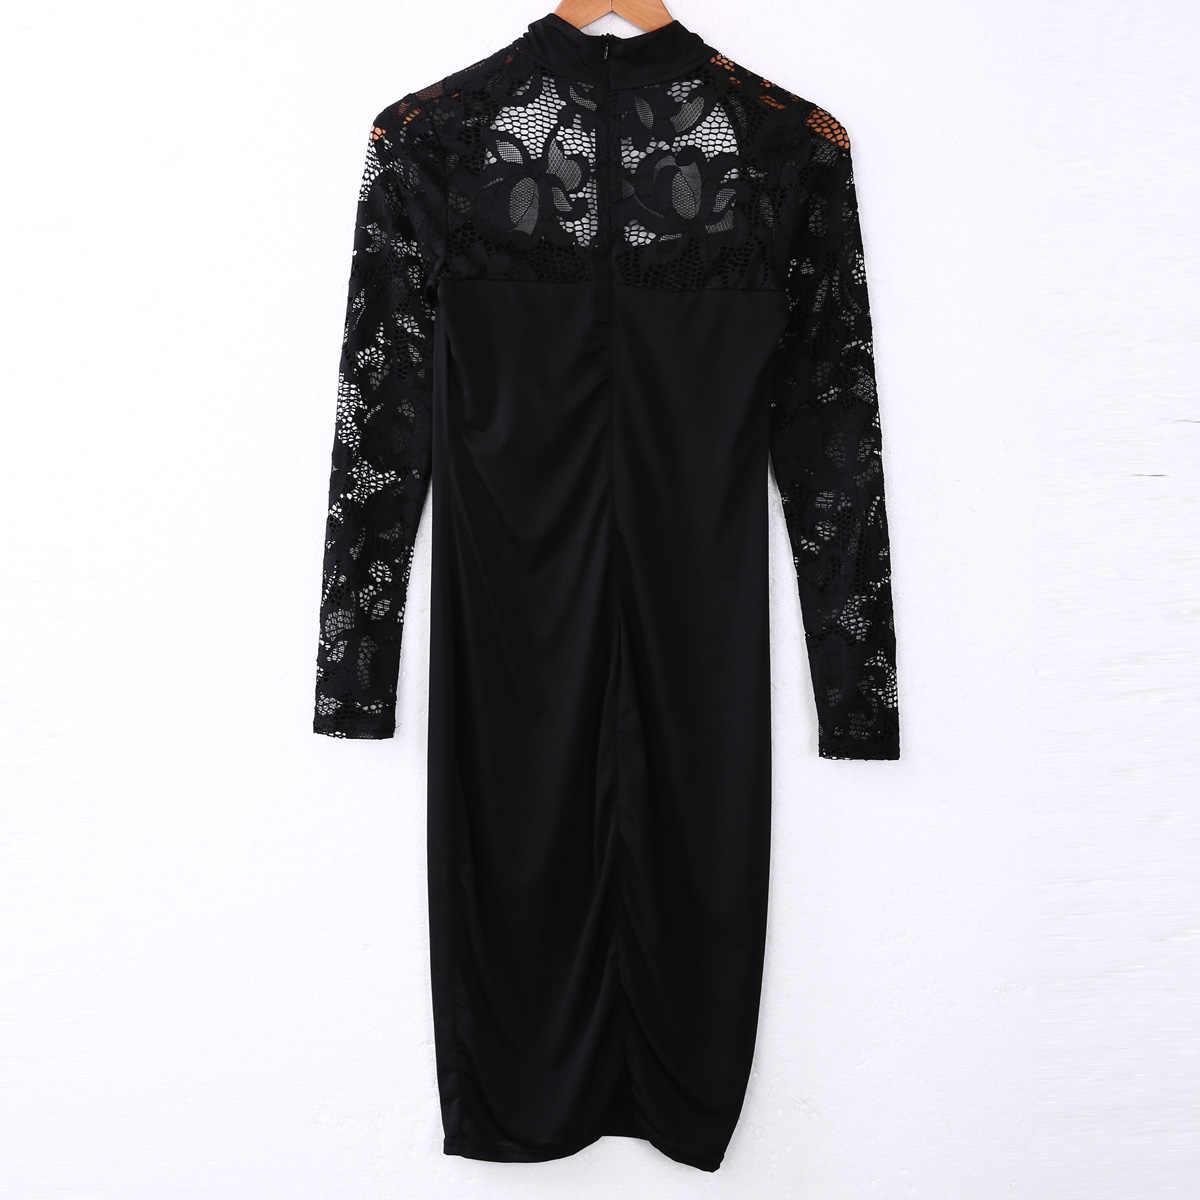 נשים שחור תחרה סתיו שמלת גבירותיי שלושה רבעון עיפרון לעטוף סלבריטאים אלגנטי Midi Bodycon המפלגה תחבושת שמלות בתוספת גודל